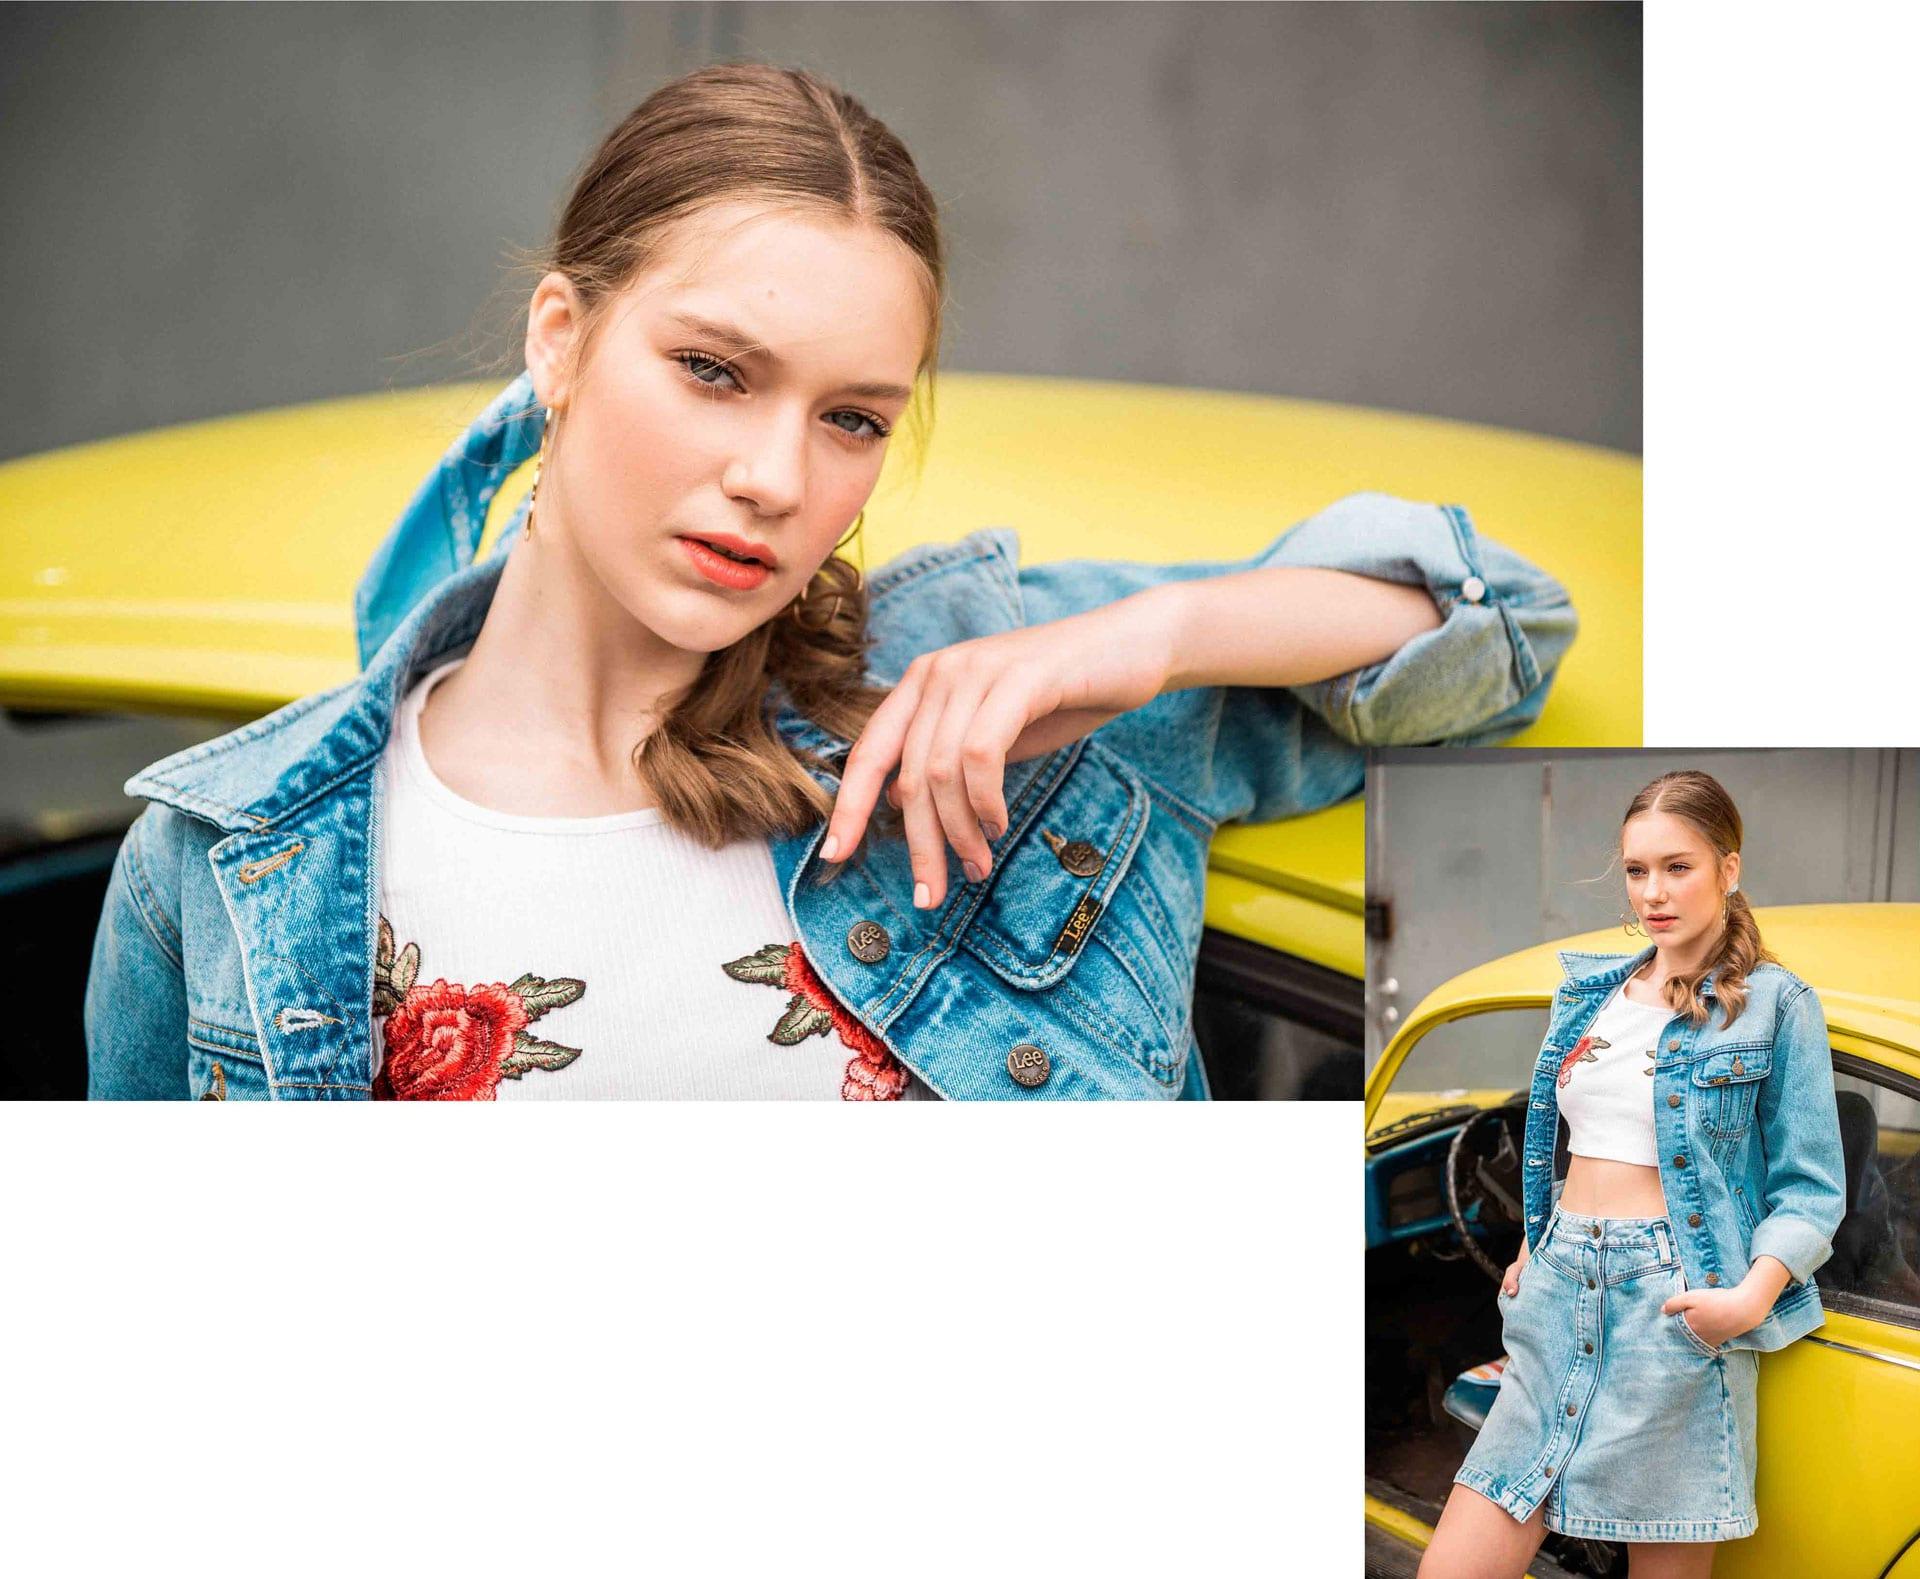 ג׳קט: lee, חולצה: h&m, חצאית: lee, בנדנה: top shop, עגילים: h&m, משקפיים: Tough Character, הפקת אופנה: צילום: דניס גרצקיס, איפור: רעות גיא, סטיילינג: אורי לשם, וידיאו: שני רייך, דוגמנית: מליסה אובסיאניקוב ל׳רוברטו׳, צולם ב-Dr bug, אופנה -2